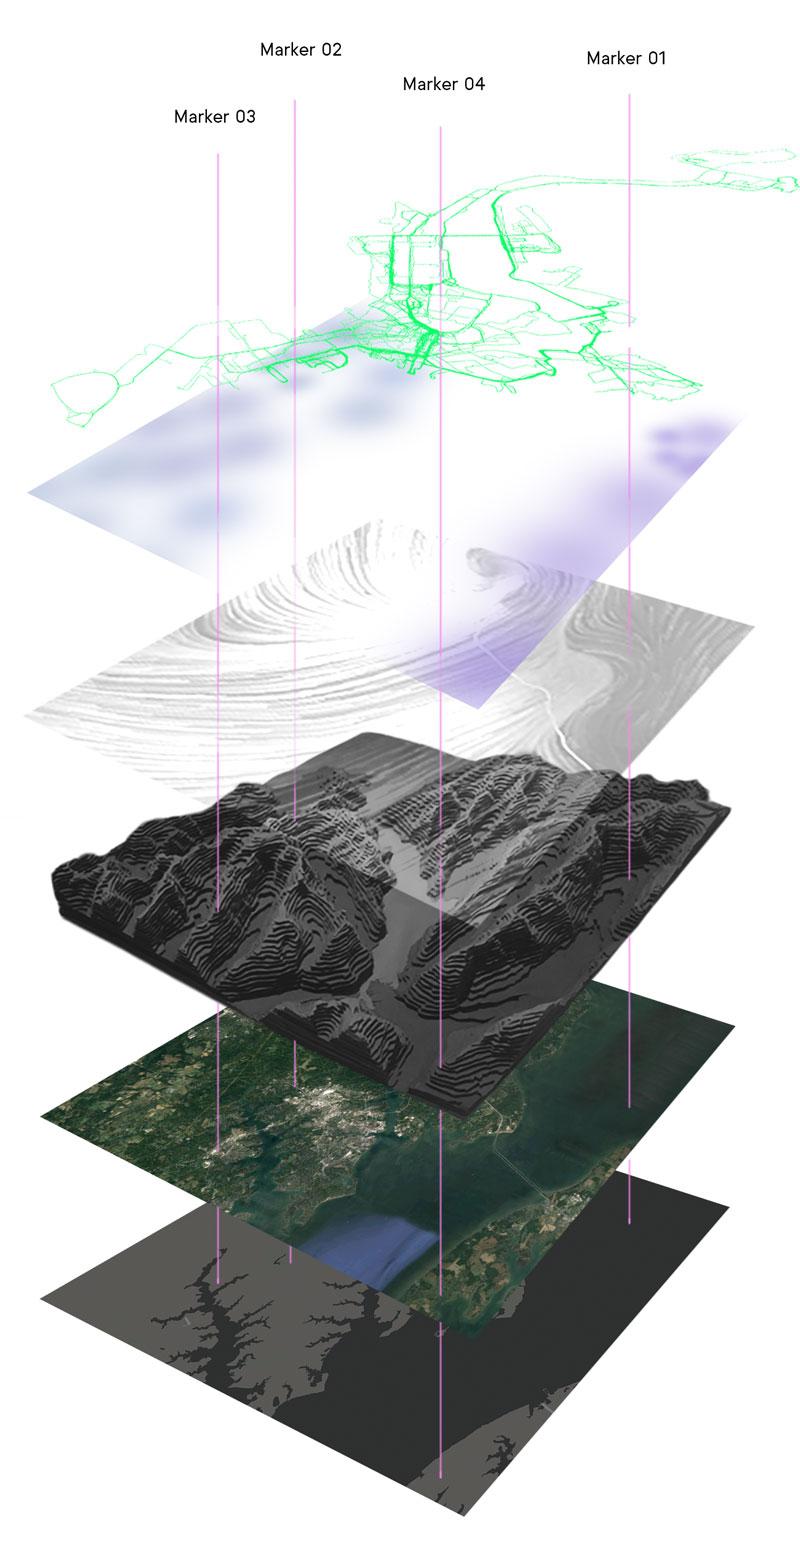 mapstack